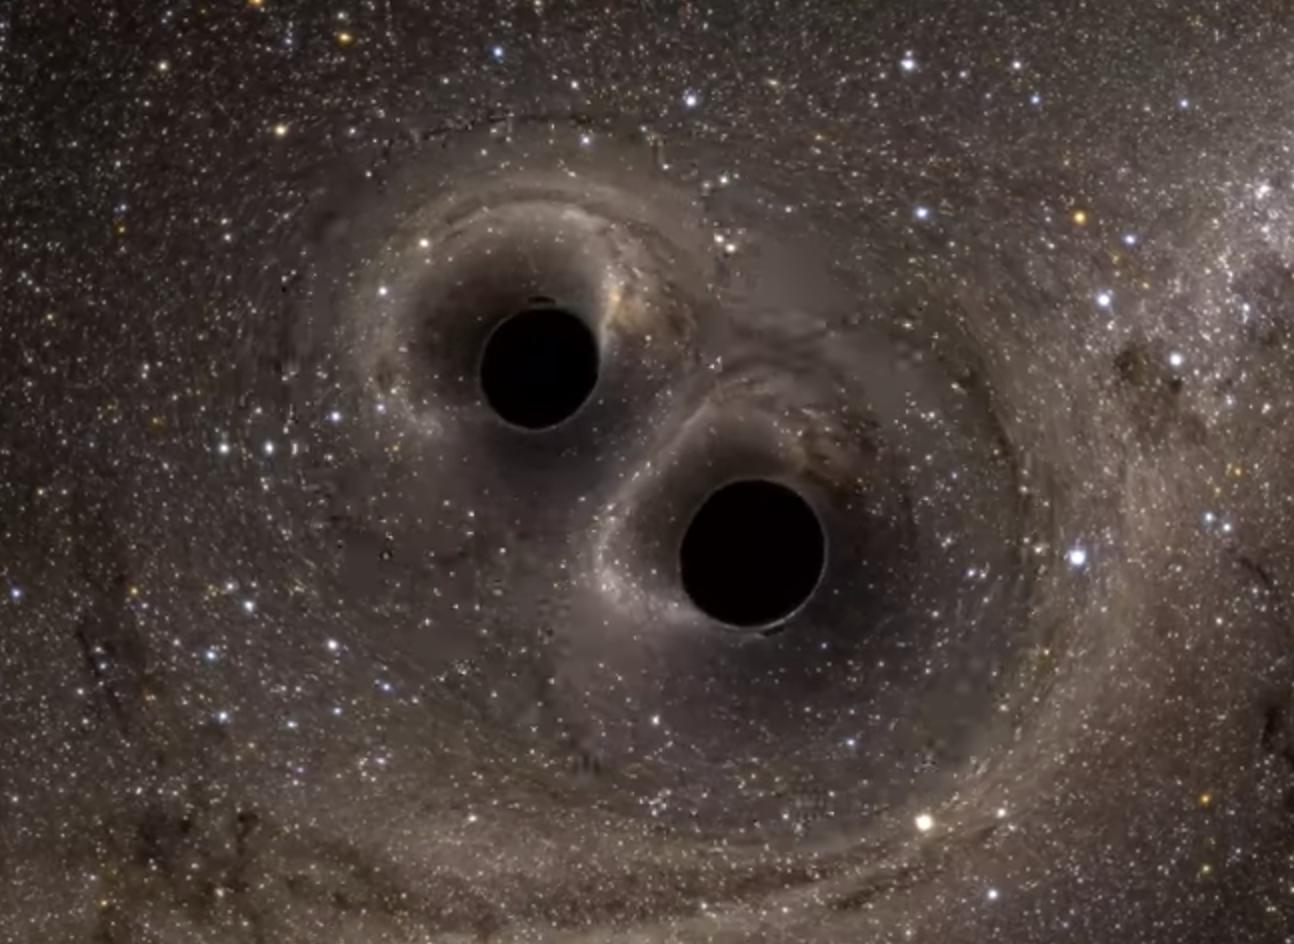 «Moléculas gravitacionales» podrían orbitar alrededor de agujeros negros binarios como electrones en una molécula